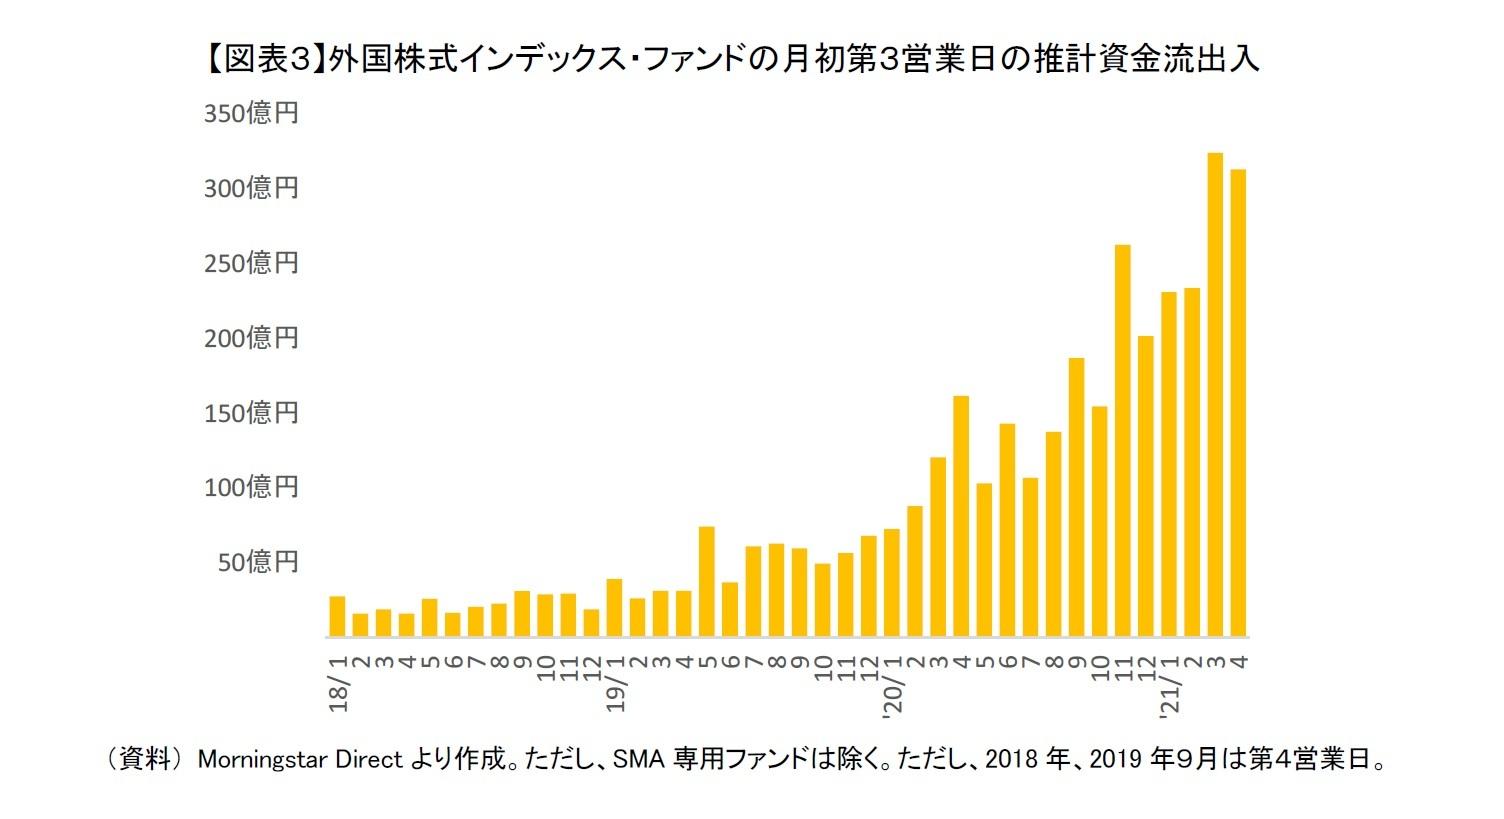 【図表3】外国株式インデックス・ファンドの月初第3営業日の推計資金流出入